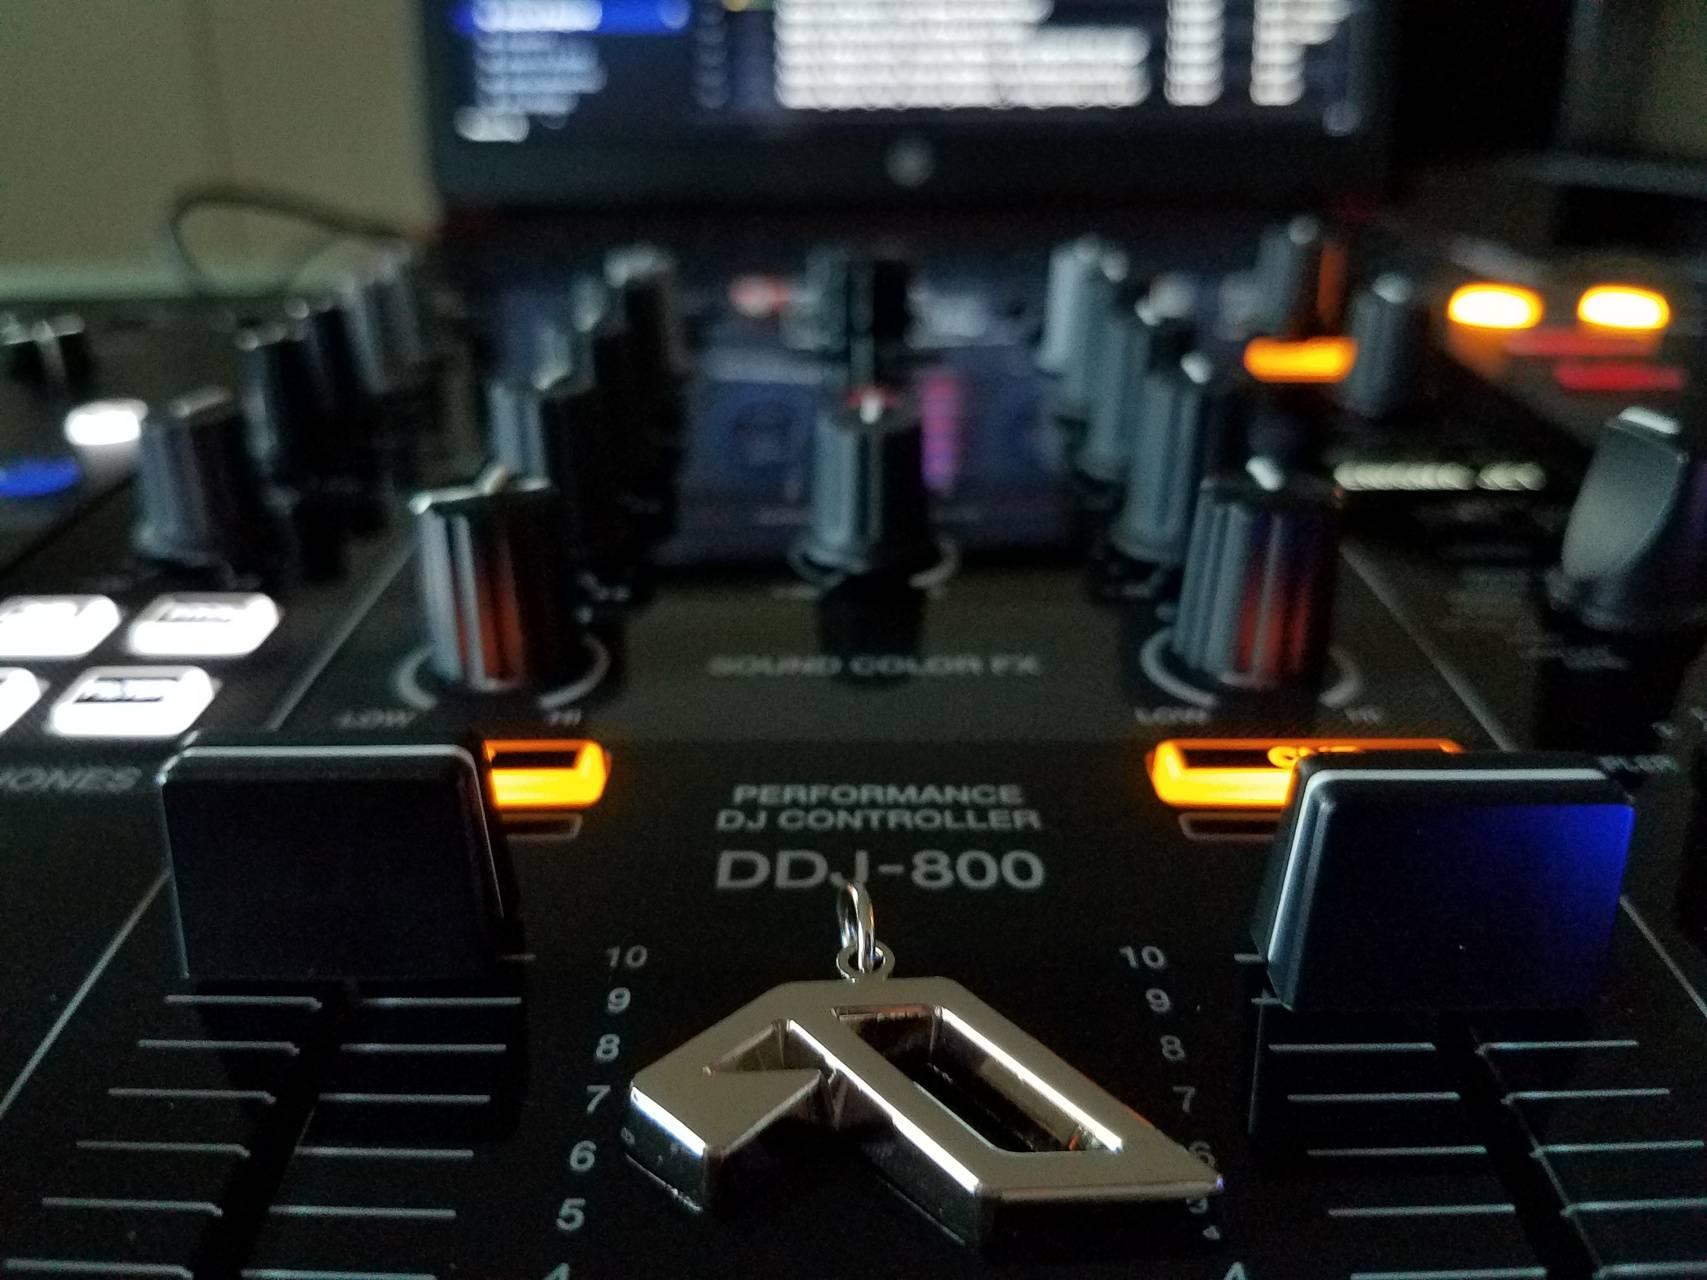 Anjuna DJ